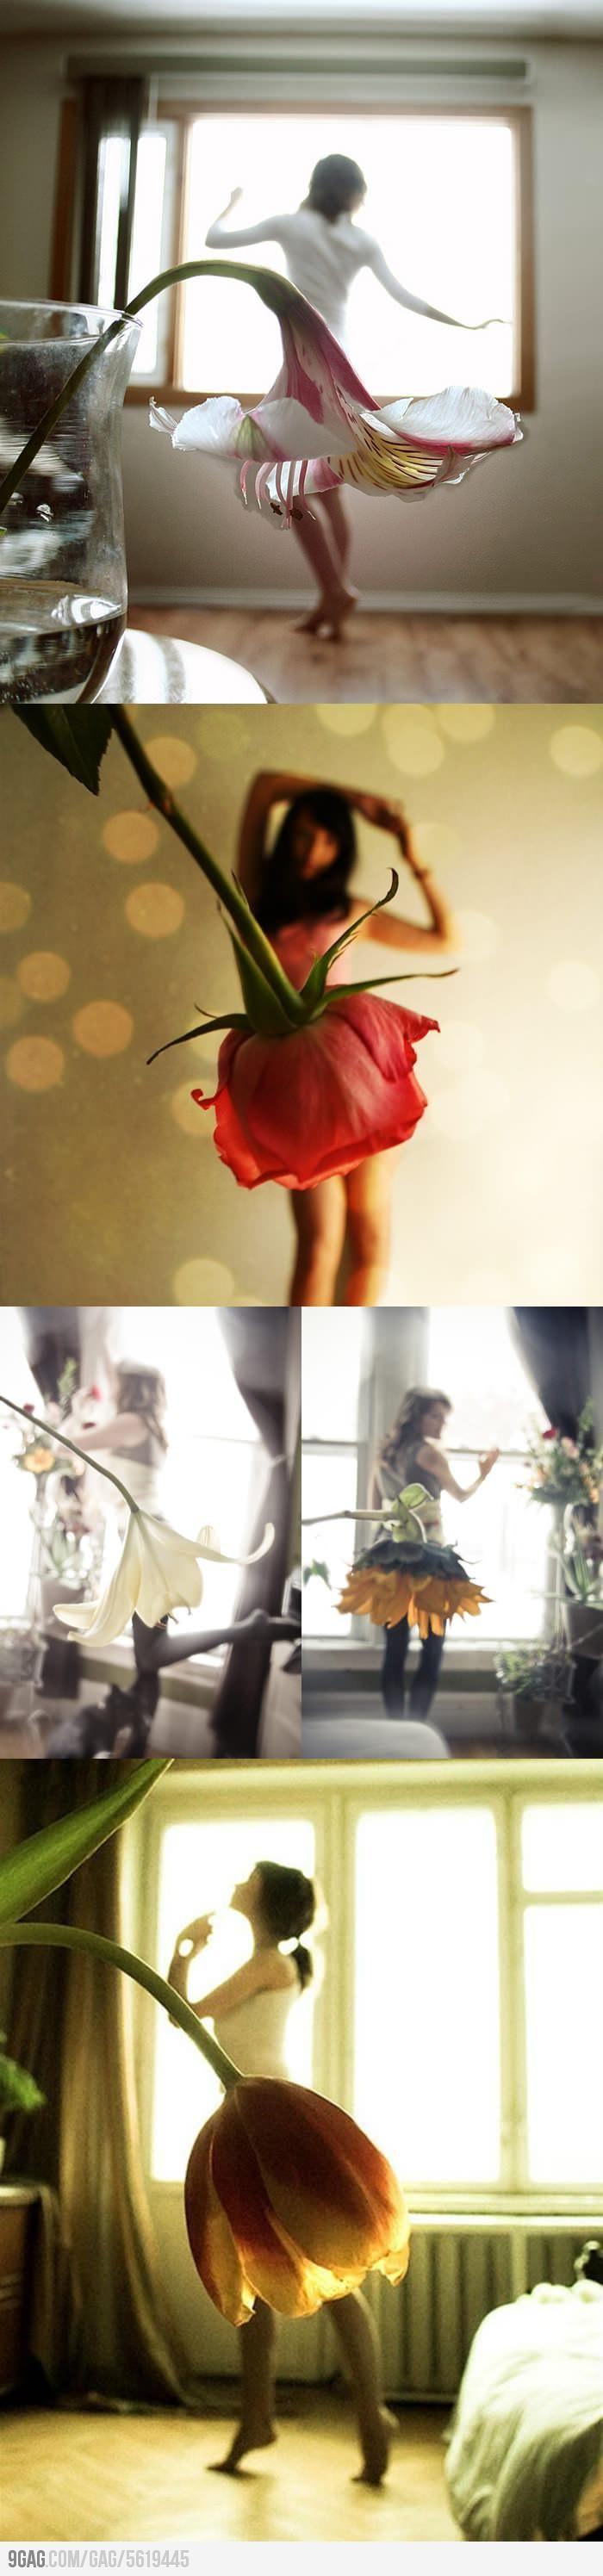 #Zalando ♥ #Flowers